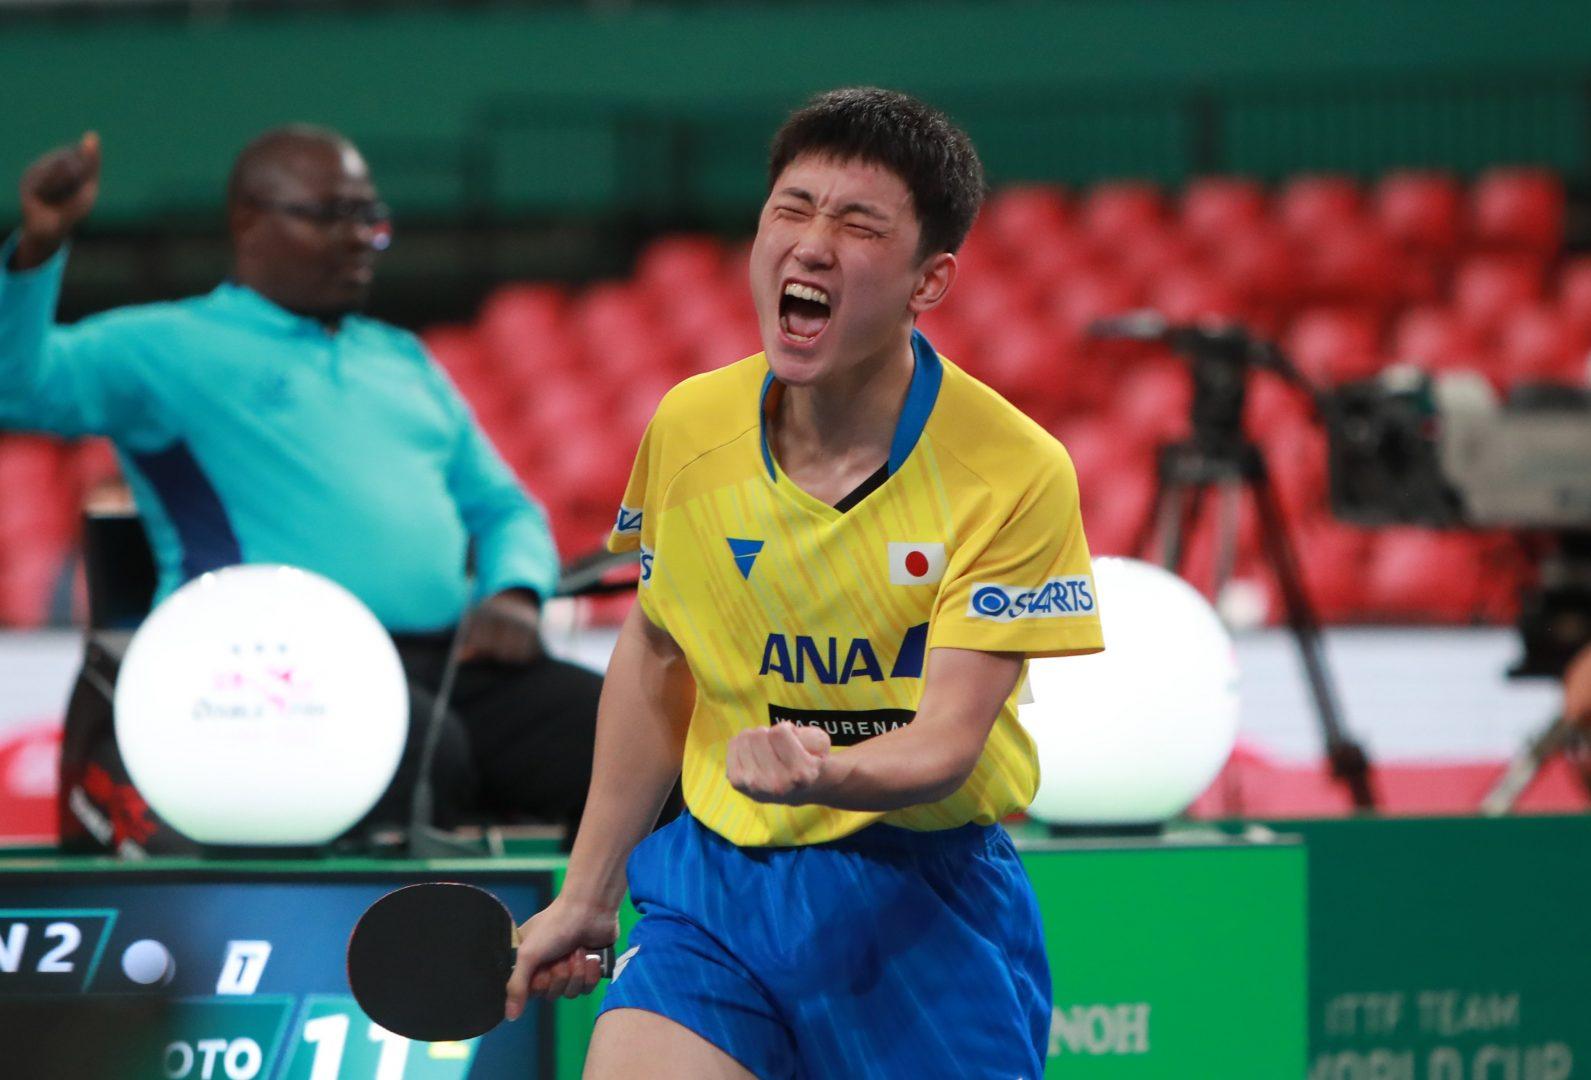 日本男子、卓球王国・中国へ挑む 張本・吉村・丹羽の対中国戦績を紹介<JA全農 卓球チームワールドカップ>